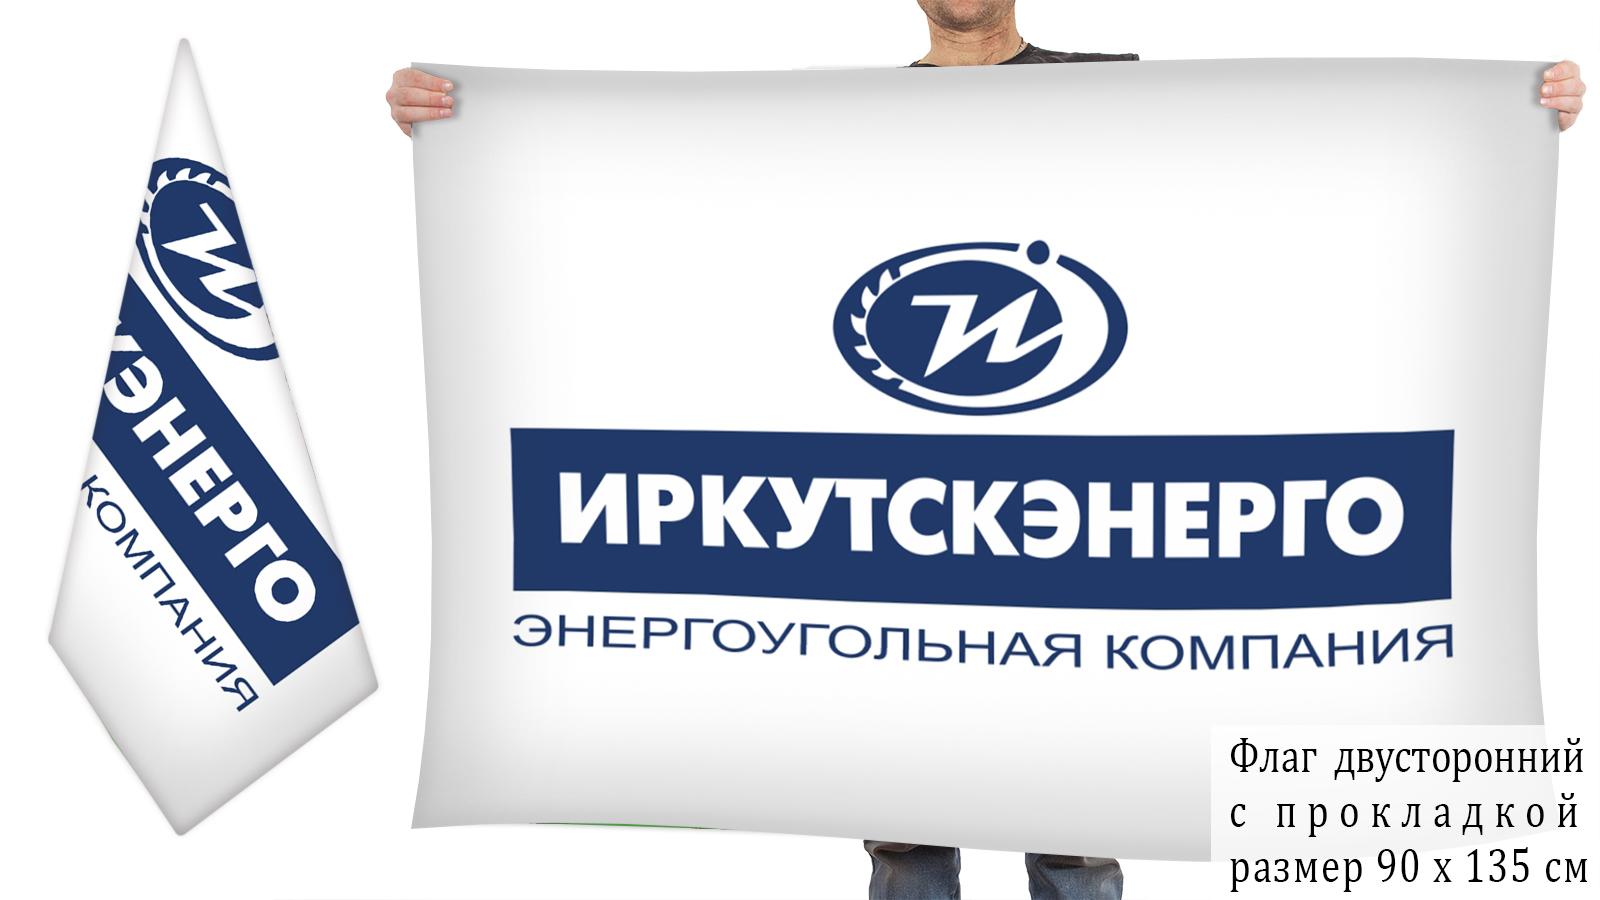 Двусторонний флаг Иркутскэнерго